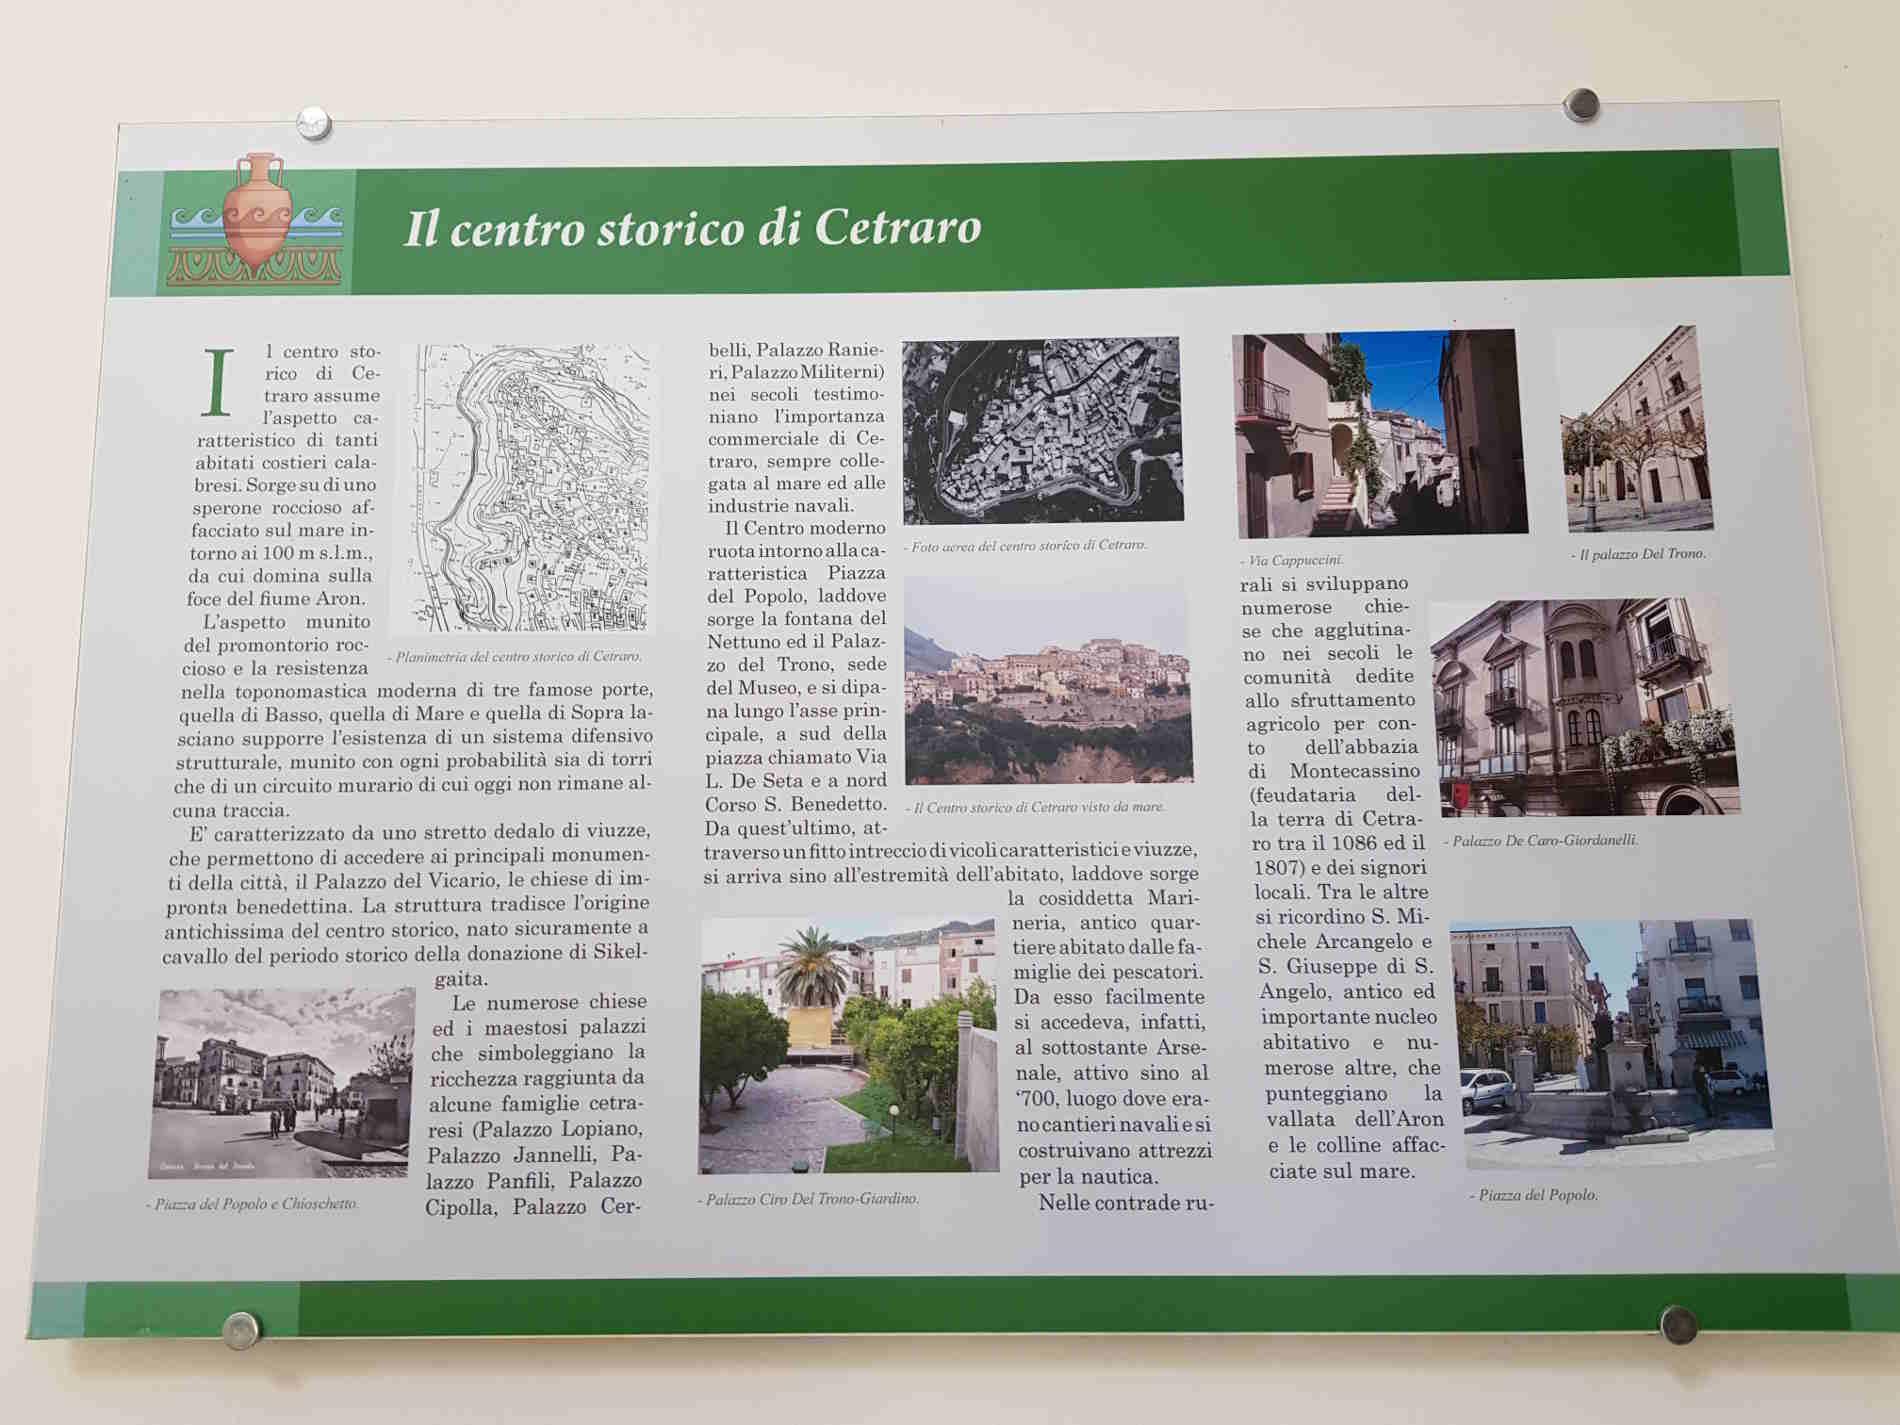 Pannelli illustrativi della storia del centro srorico di  Cetraro